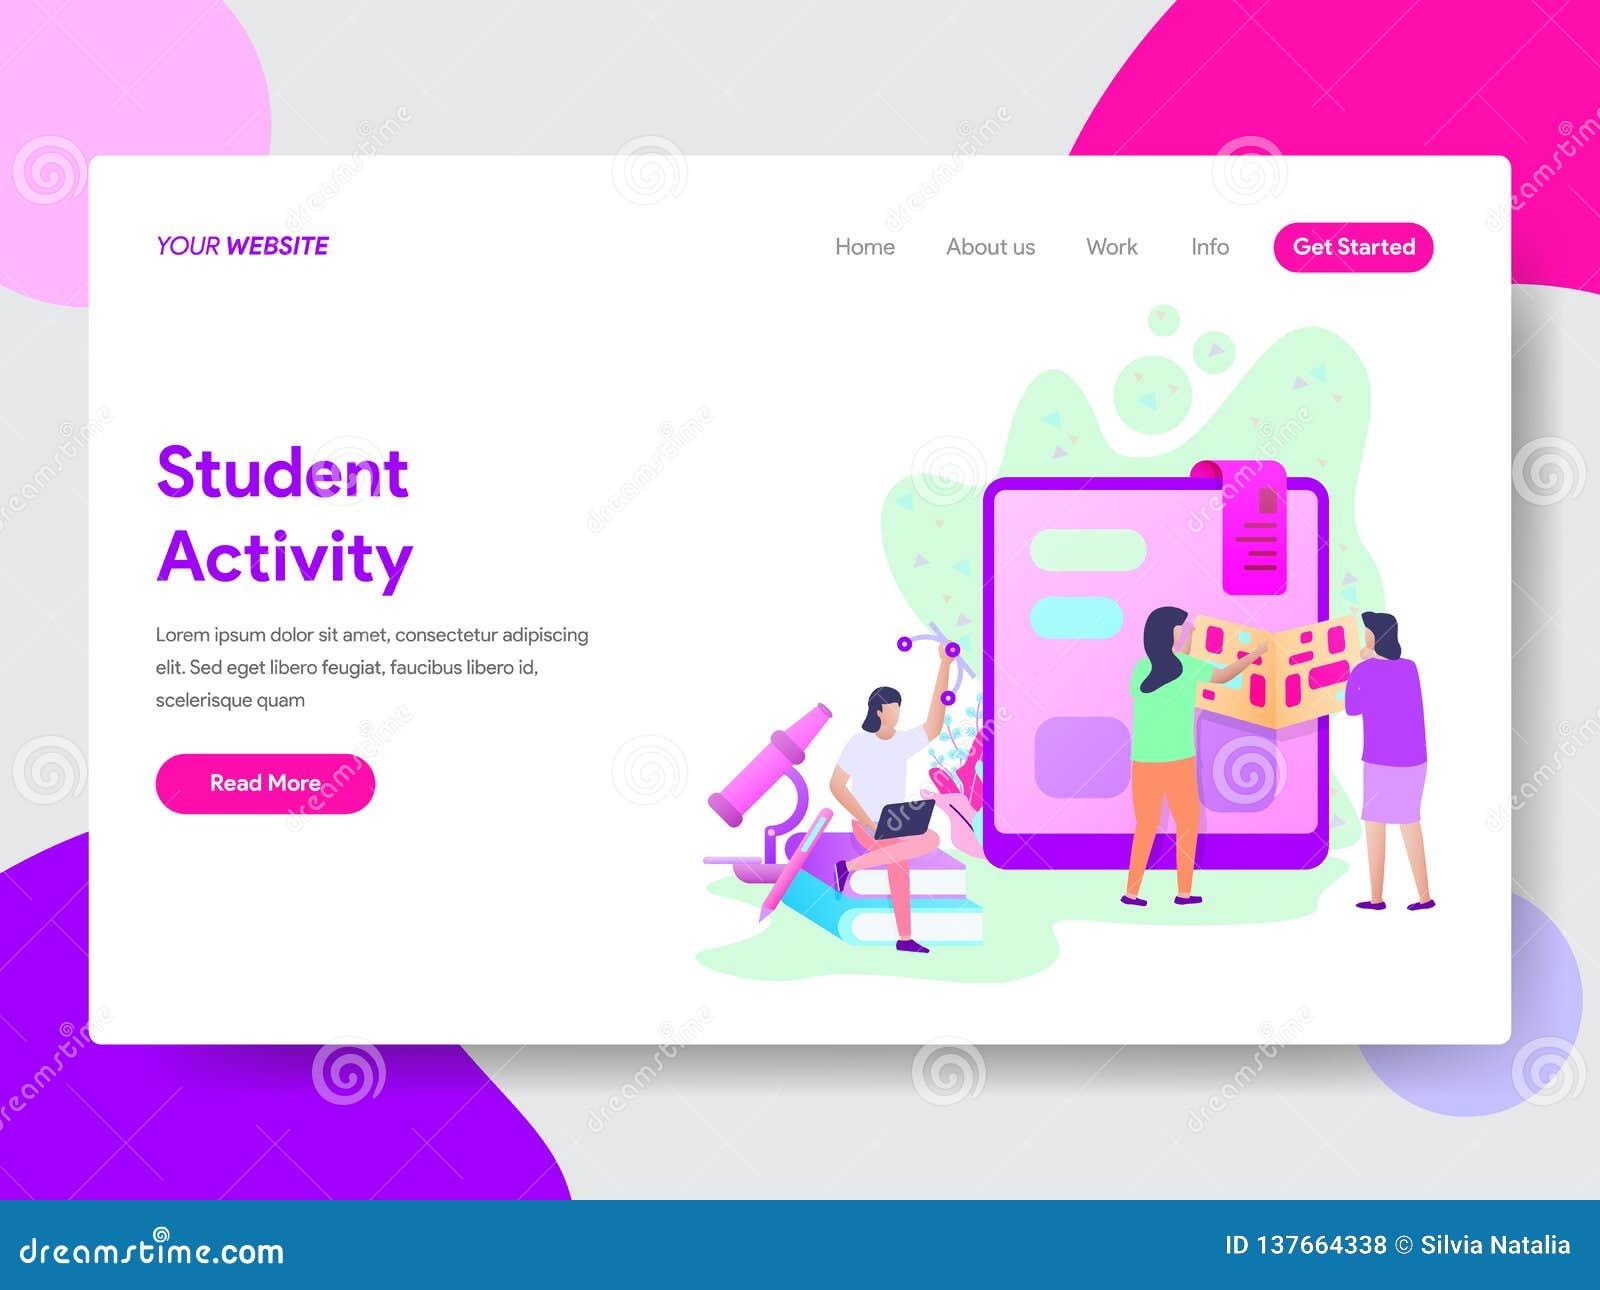 Landa sidamallen av studenten Activity Illustration Concept Modernt plant designbegrepp av webbsidadesignen för website och